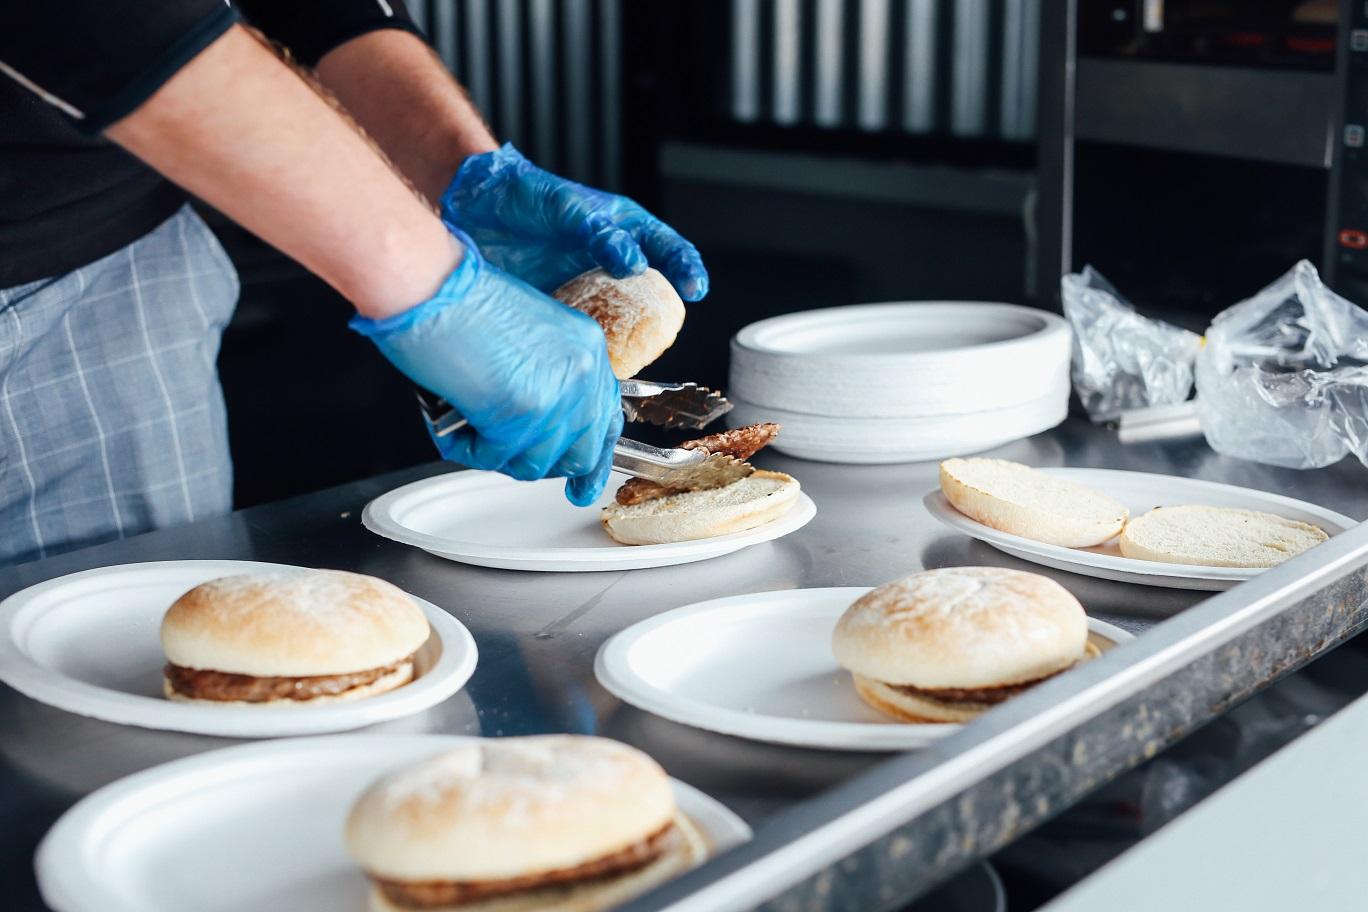 Food   Holgate prepping burgers